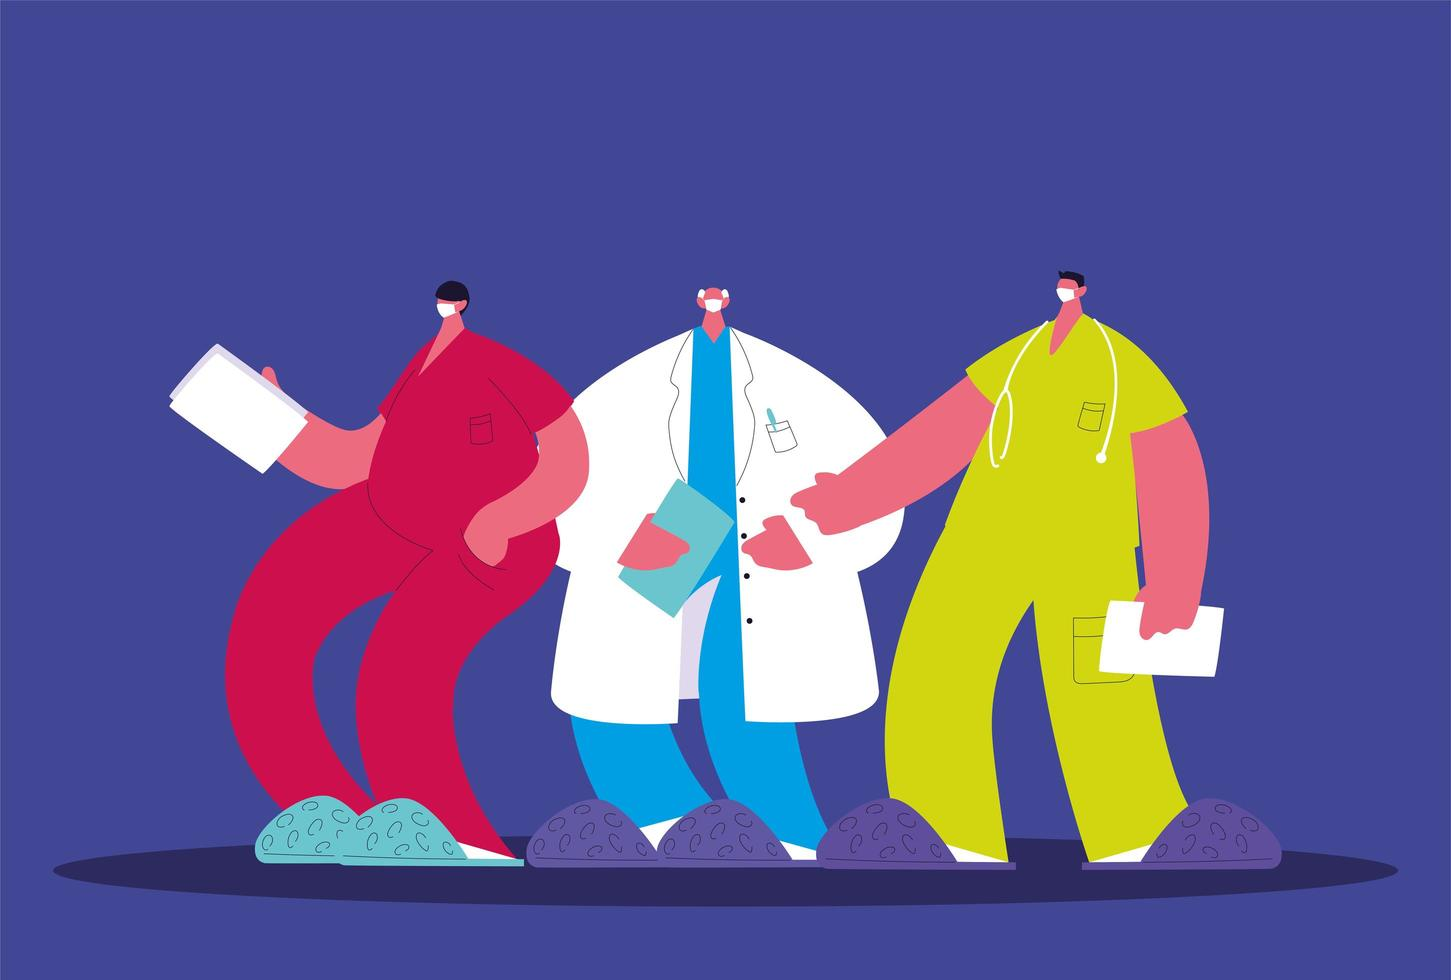 manliga läkare står. medicinskt team vektor